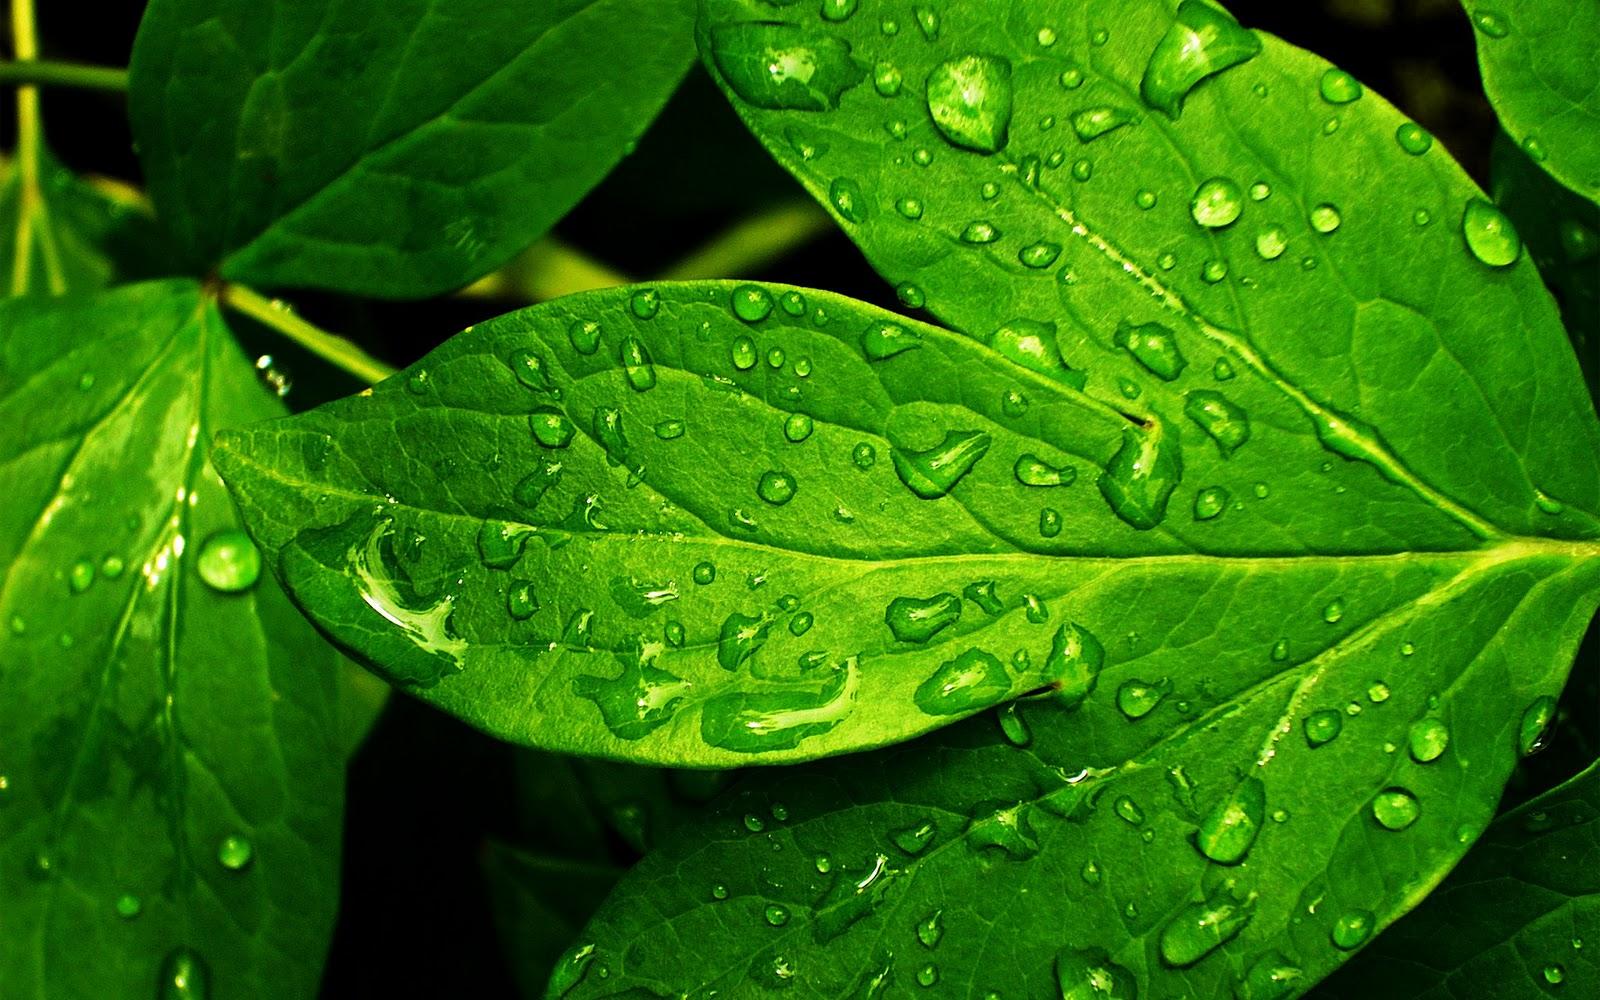 http://4.bp.blogspot.com/-kAuJF-hc478/TdgtdebR9MI/AAAAAAAAAMQ/MJF2gLd2WuU/s1600/1920x1200+leafs+drops+water+hd+wallpaper.jpg